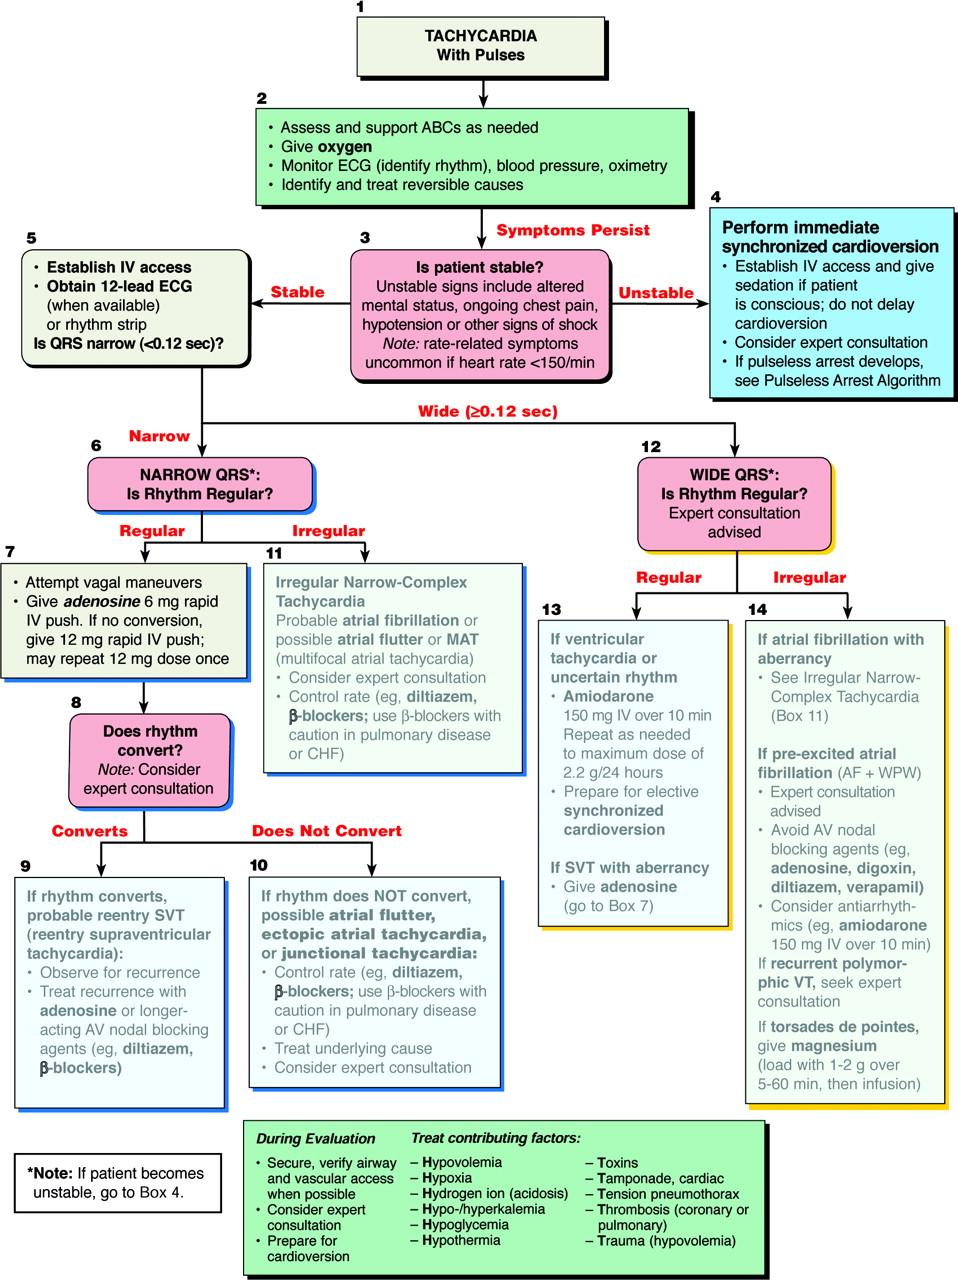 Prozac or sarafem (fluoxetine)